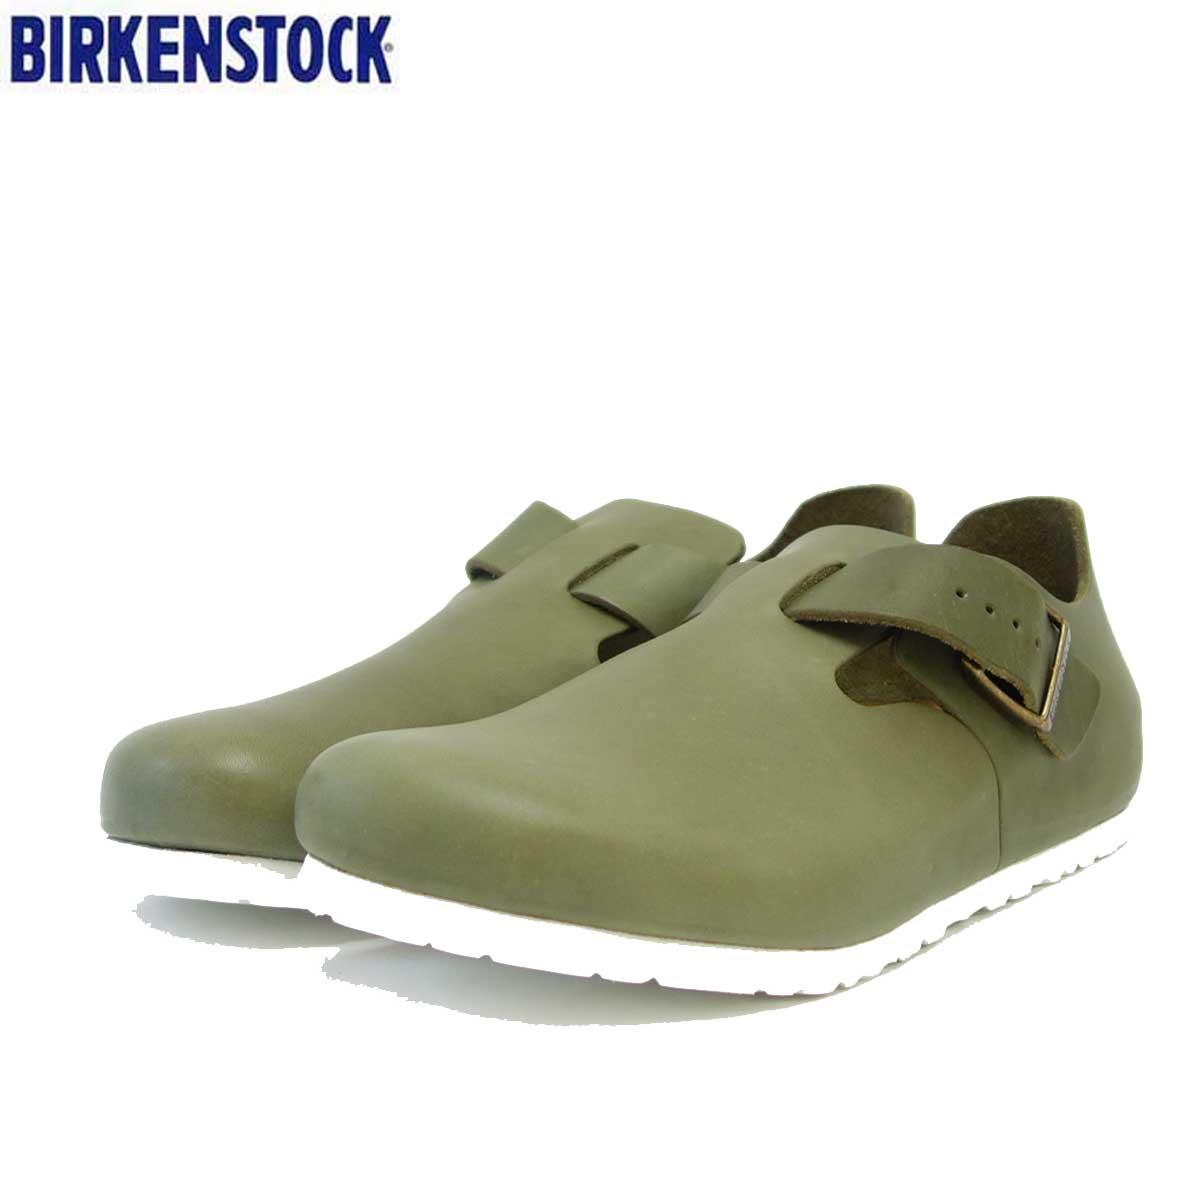 ビルケンシュトック BIRKENSTOCK LONDON(ロンドン)レディース GS 1013293(ナチュラルレザー/カーキ) 「靴」